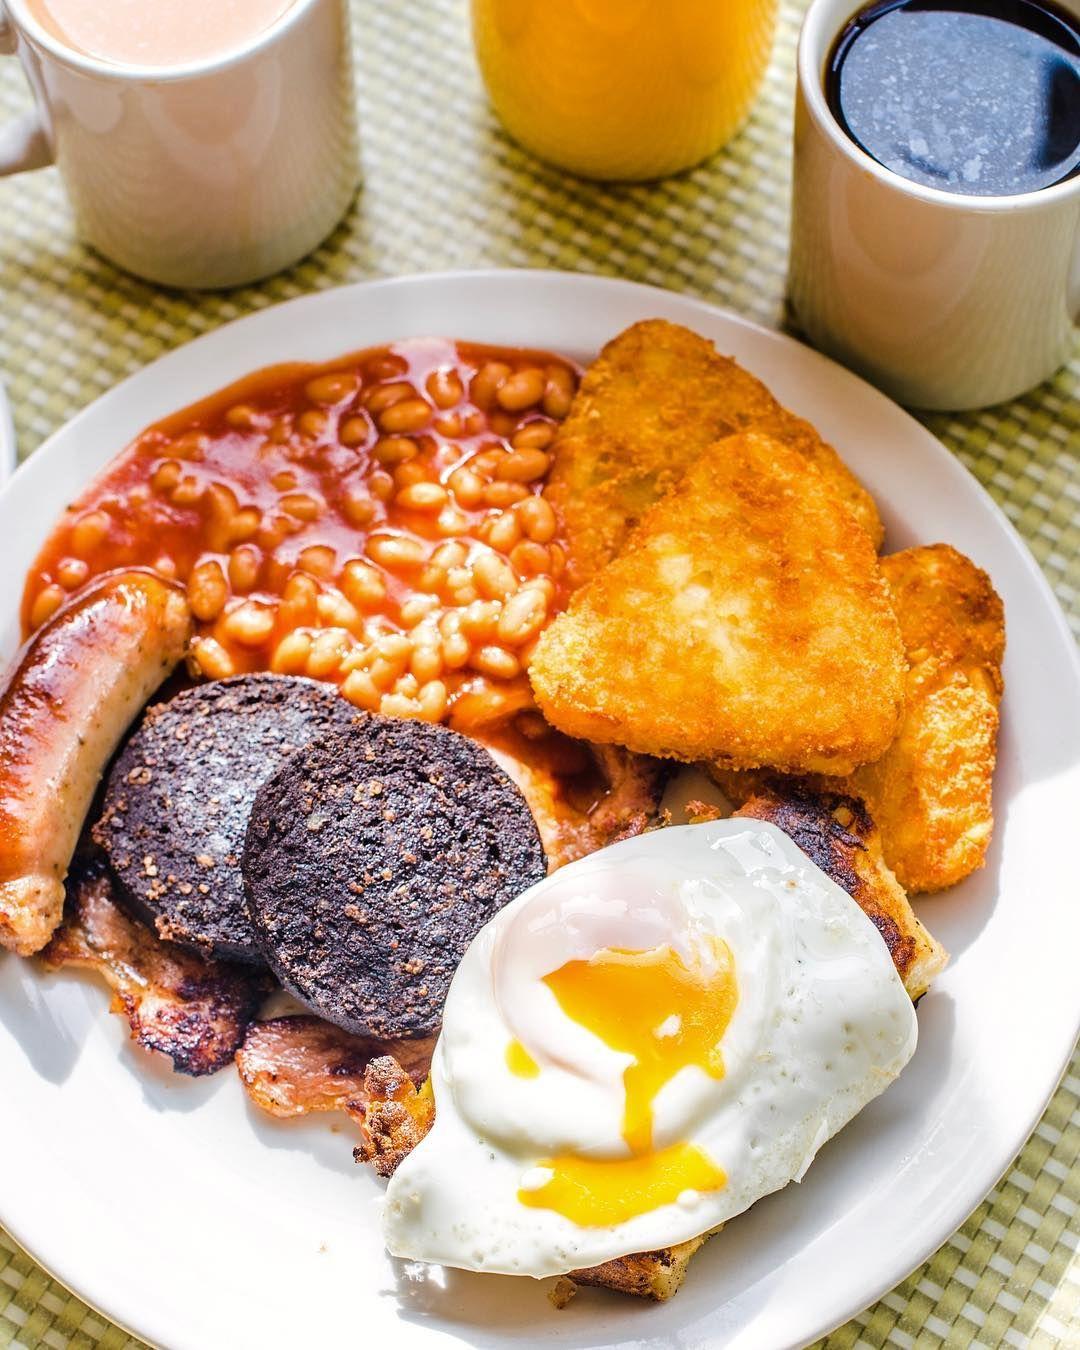 Estás Planeando Un Viaje A La Capital Inglesa Aquí Te Damos Una Lista De 10 Restaurantes Donde Comer Barato En Lon Comer En Londres Comida Vegetariana Comida